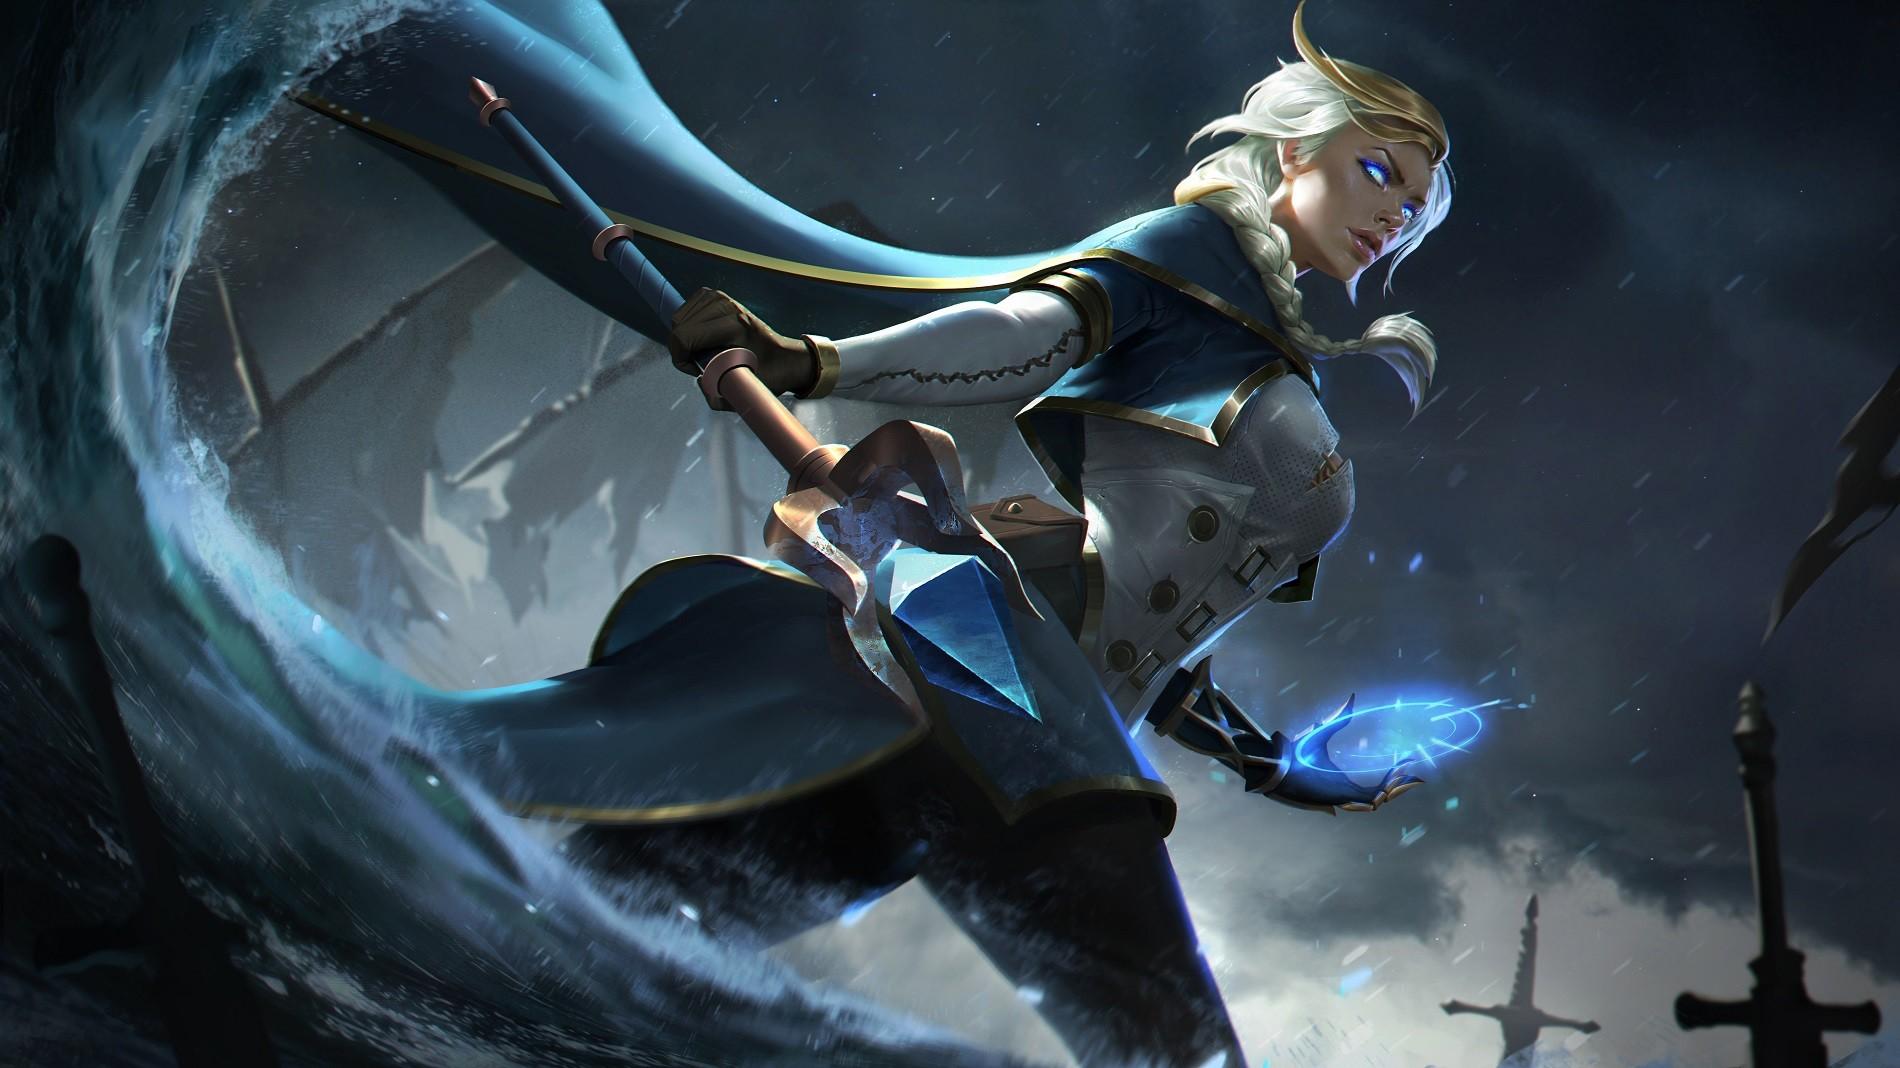 jaina-proudmoore-world-of-warcraft